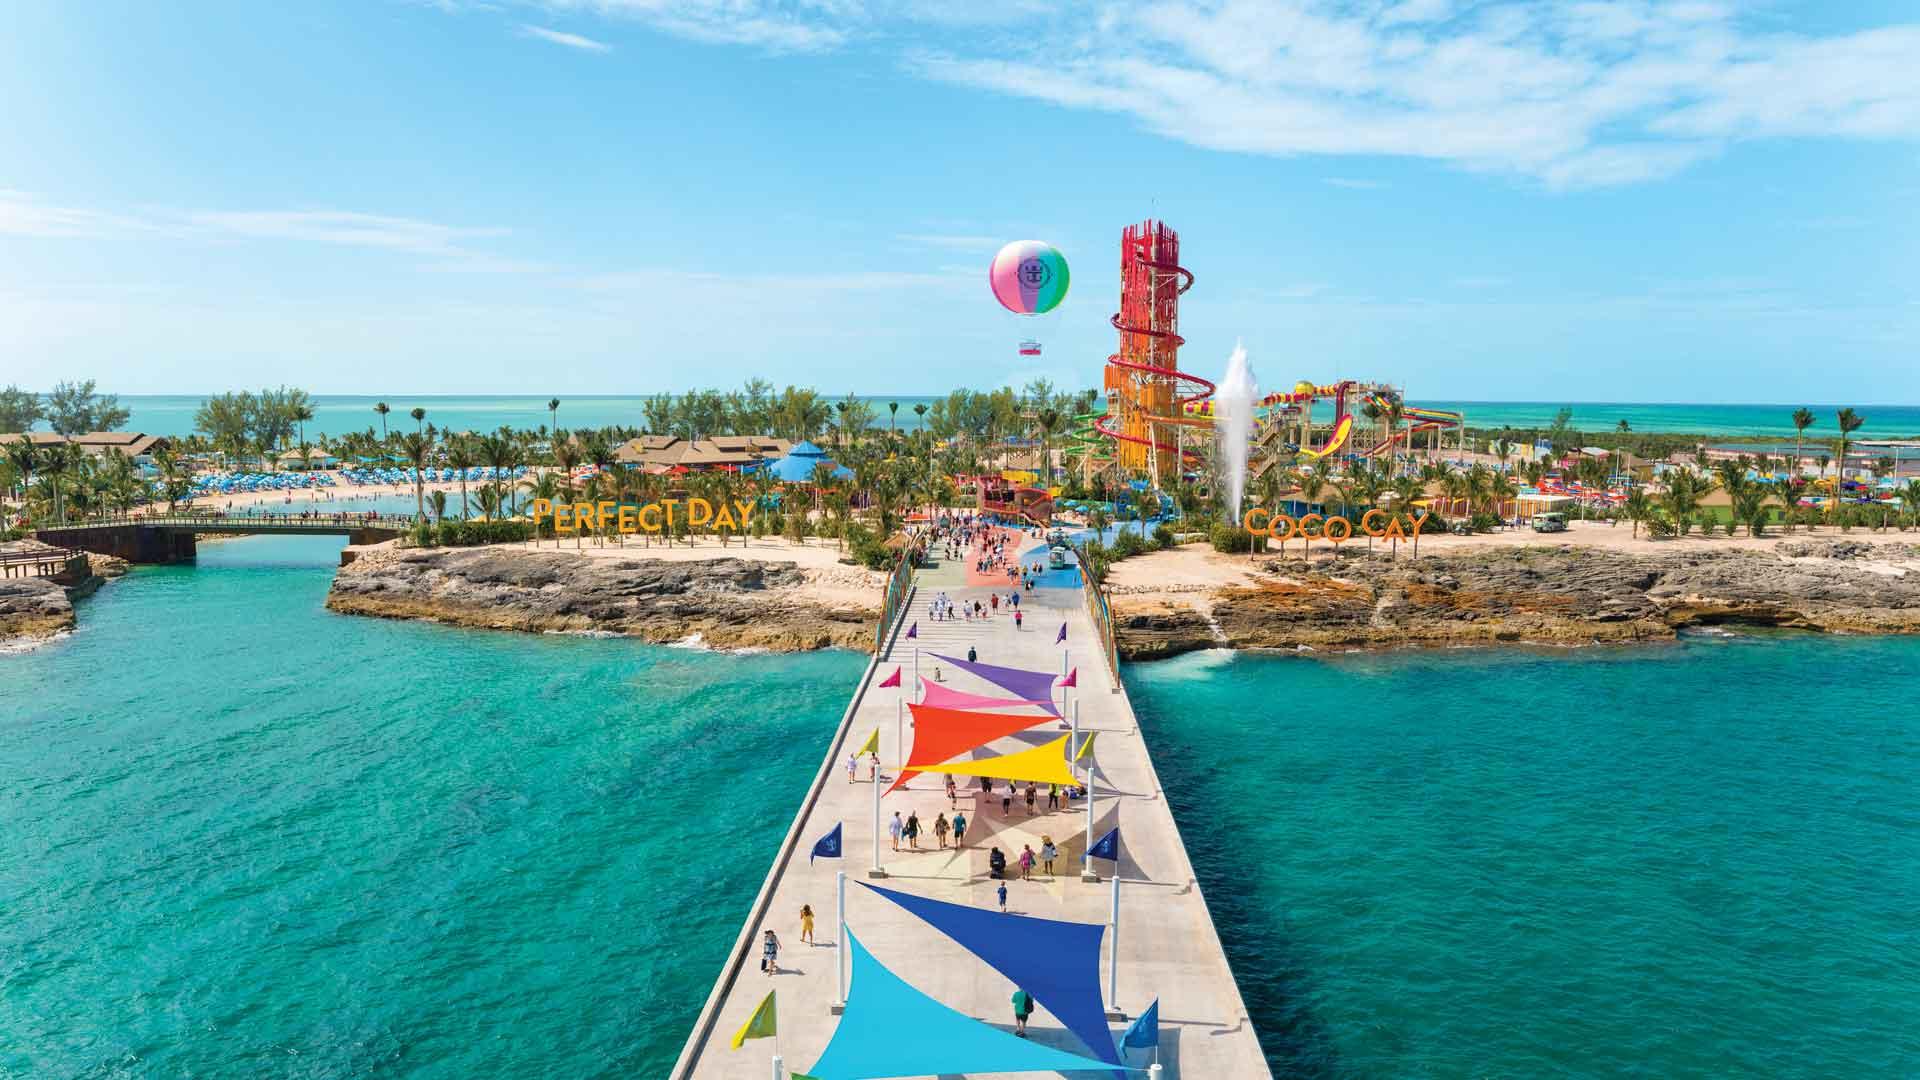 Conoce CocoCay, la isla privada de Royal Caribbean que te sorprenderá